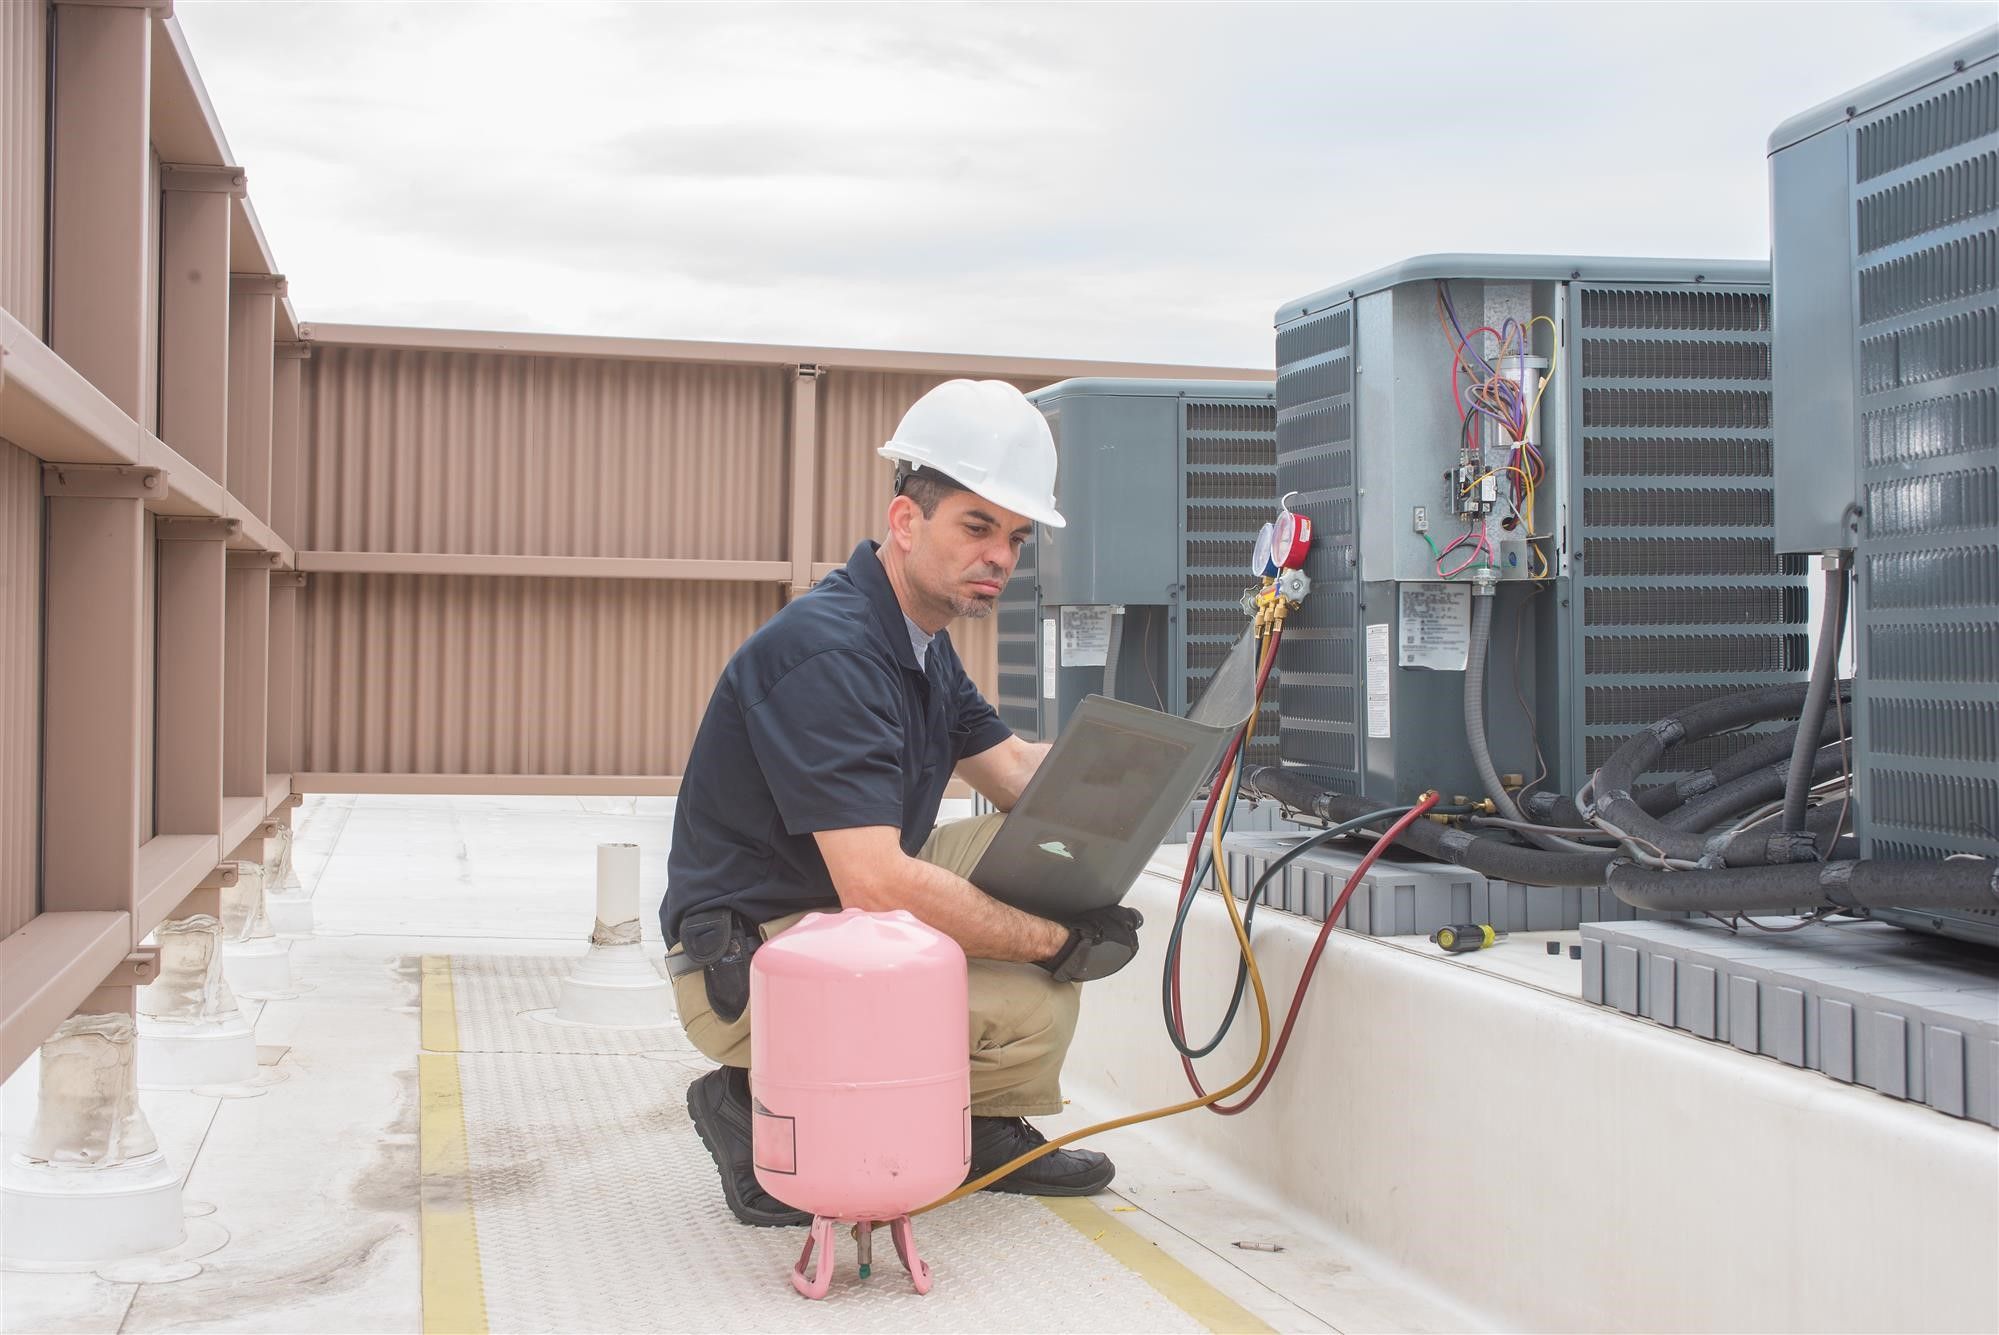 گاز موجود در کولر به چه صورتی اقدام می کند که هوای خنک را به هوا انتقال می دهد؟